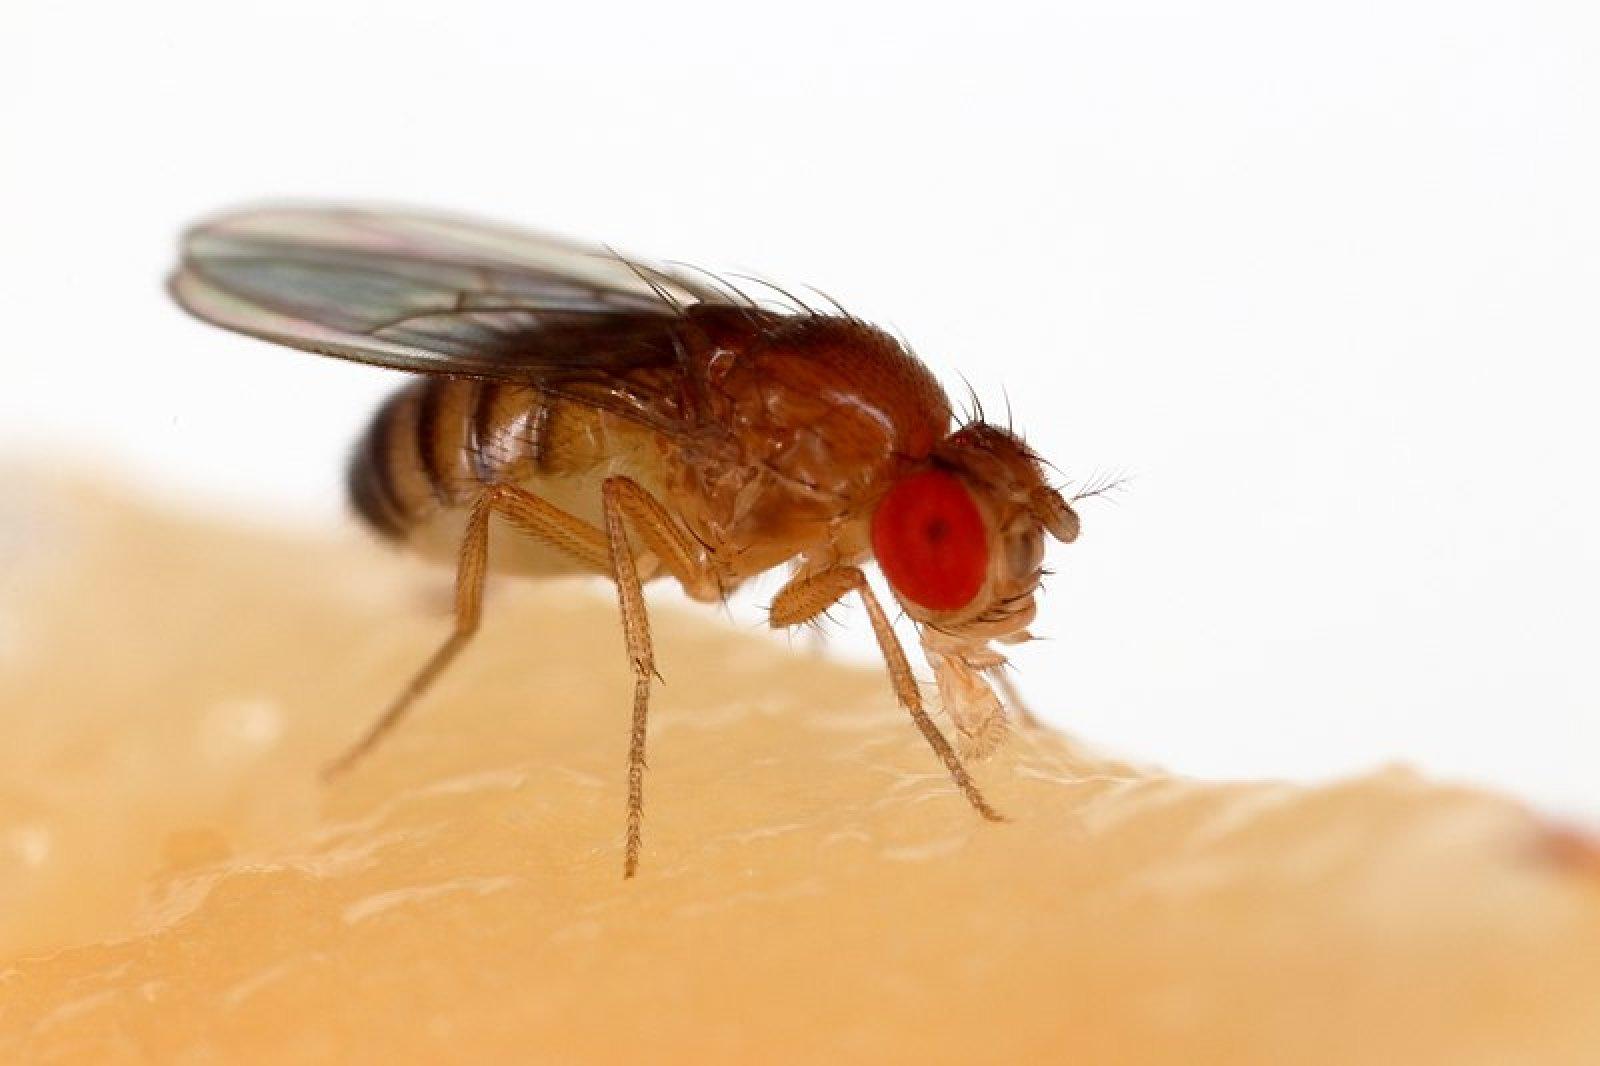 Drosophila melanogaster, també coneguda com a mosca del vinagre o de la fruita